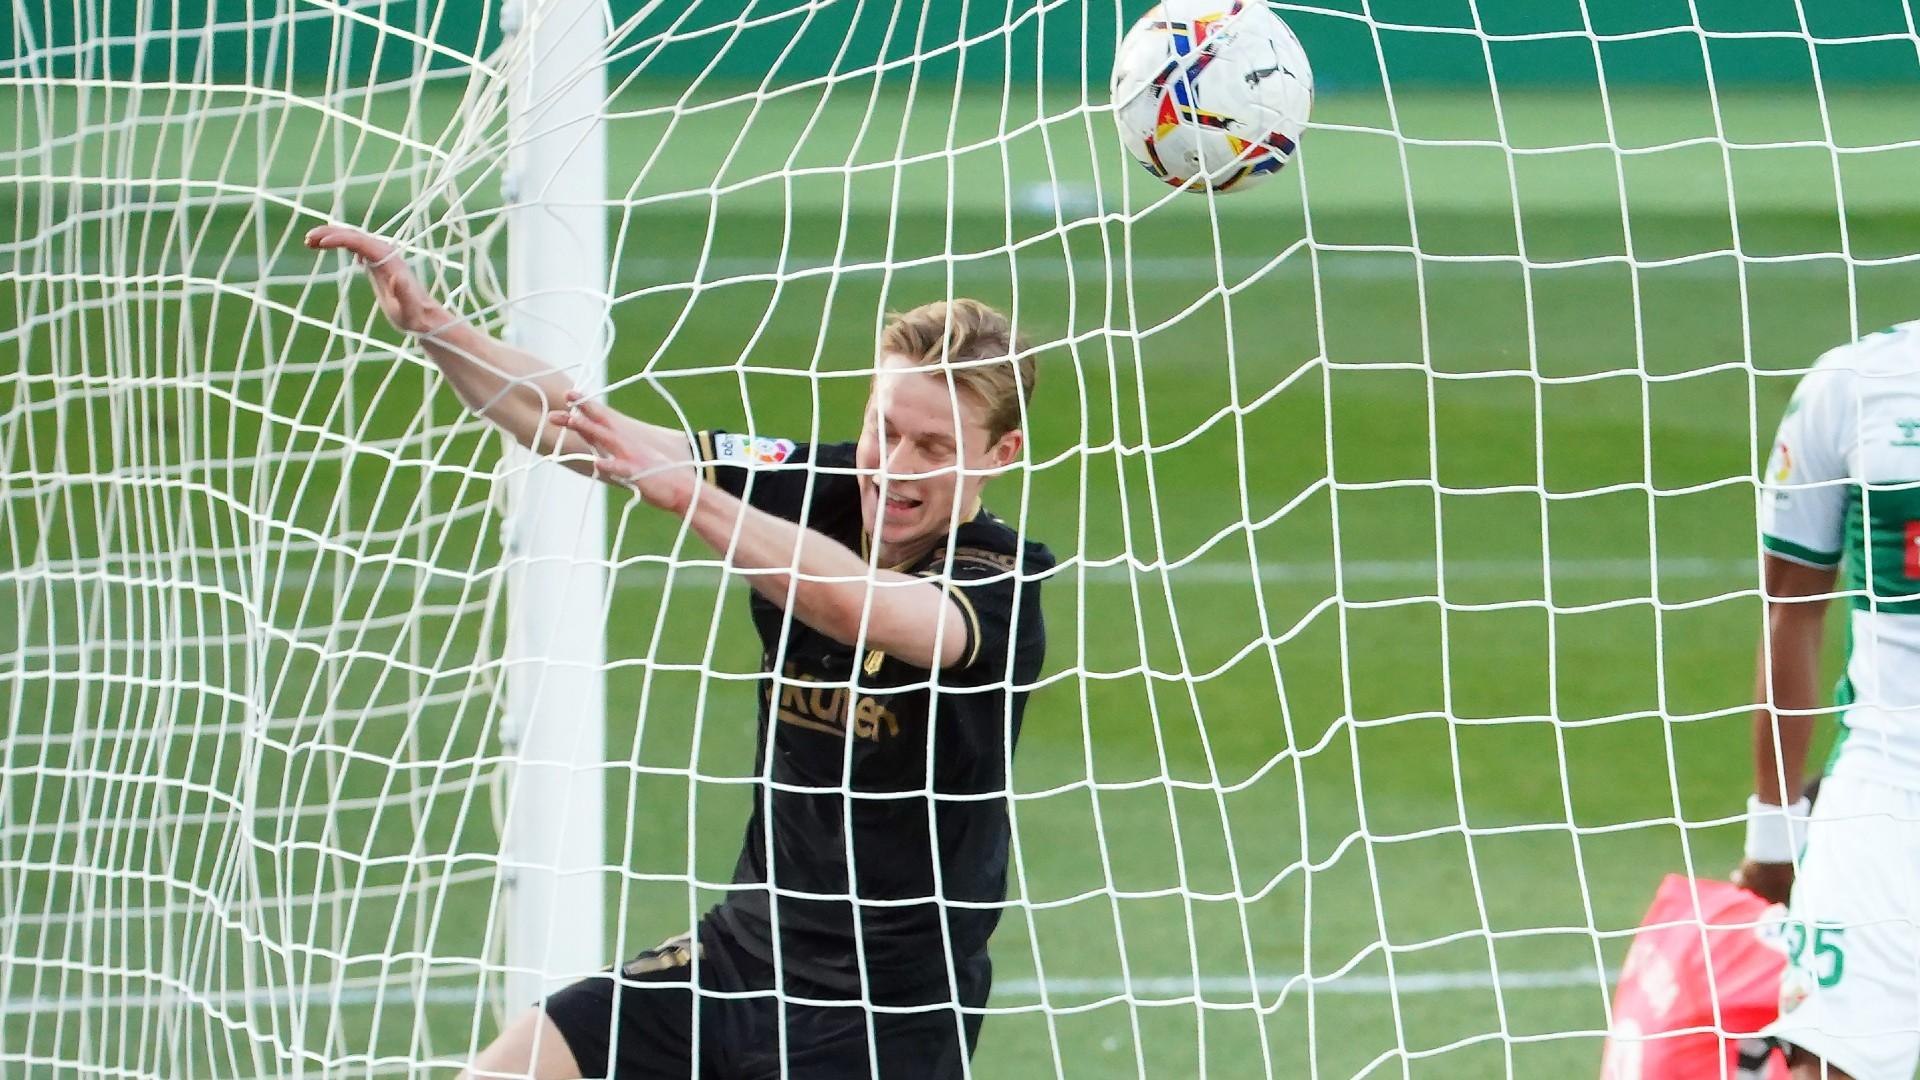 Elche 0-2 Barcelona: De Jong keeps Koeman's men in title hunt